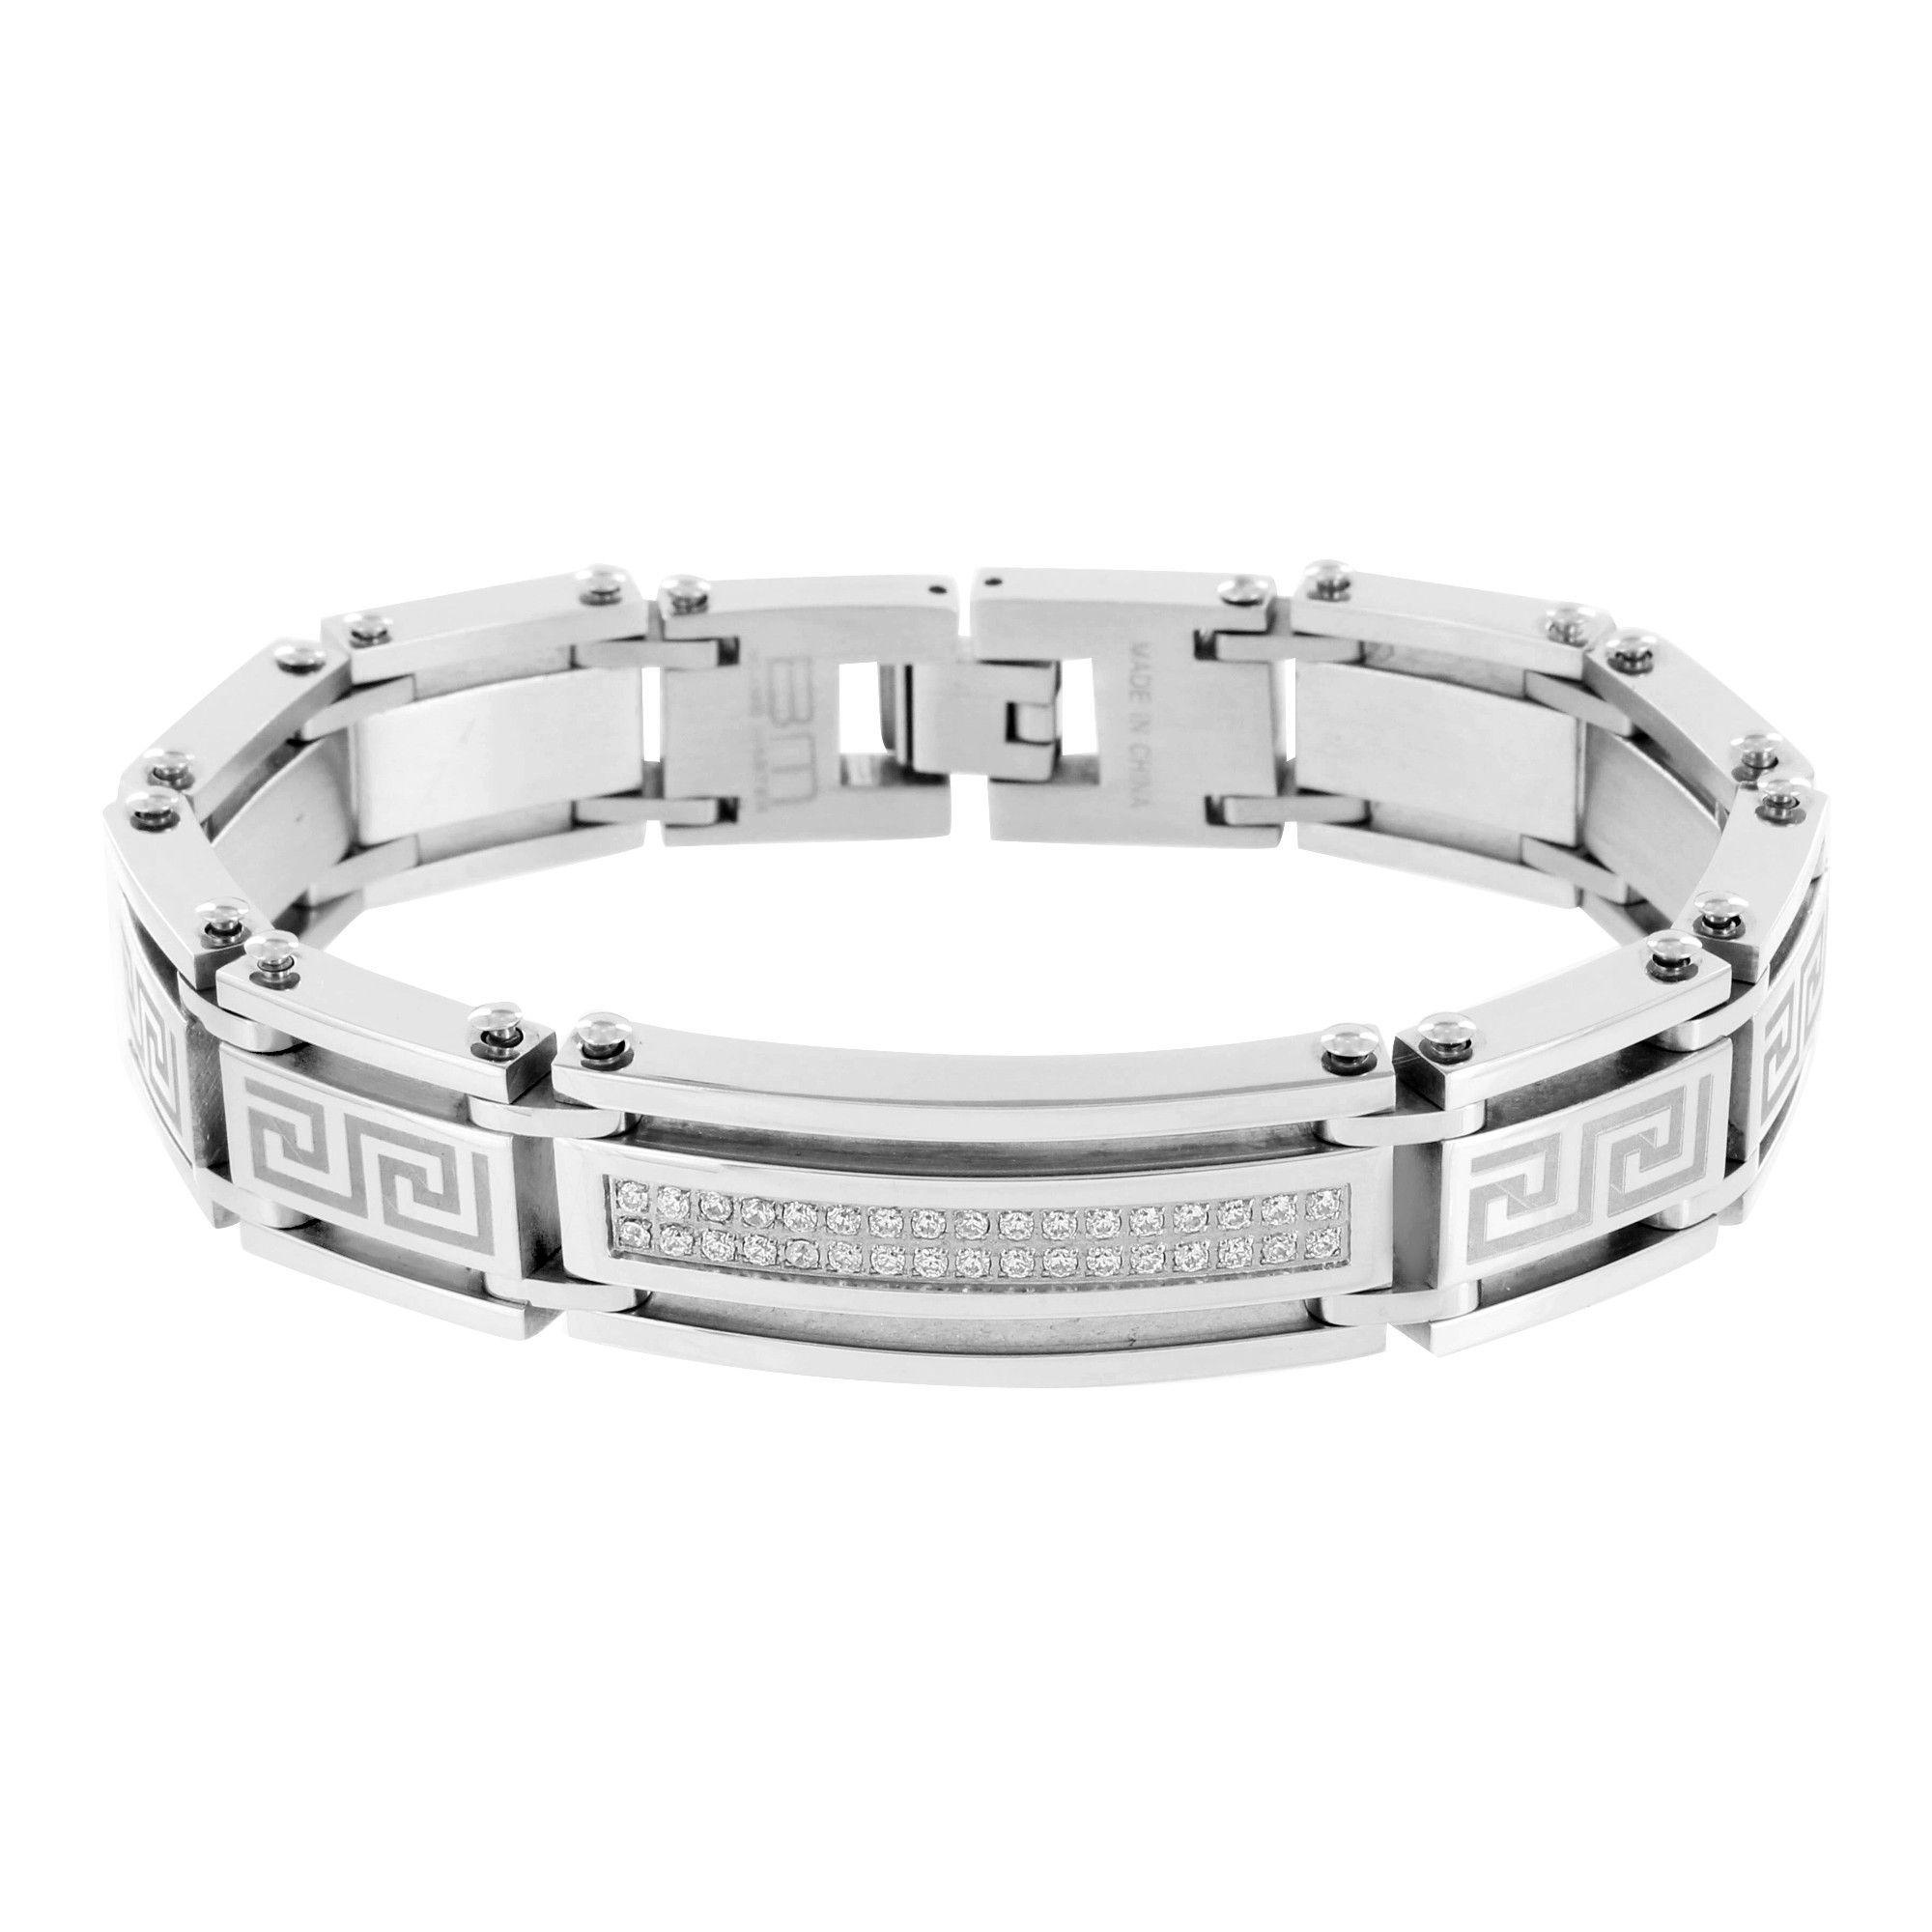 Greek medusa bracelet white gold over stainless steel men bracelet